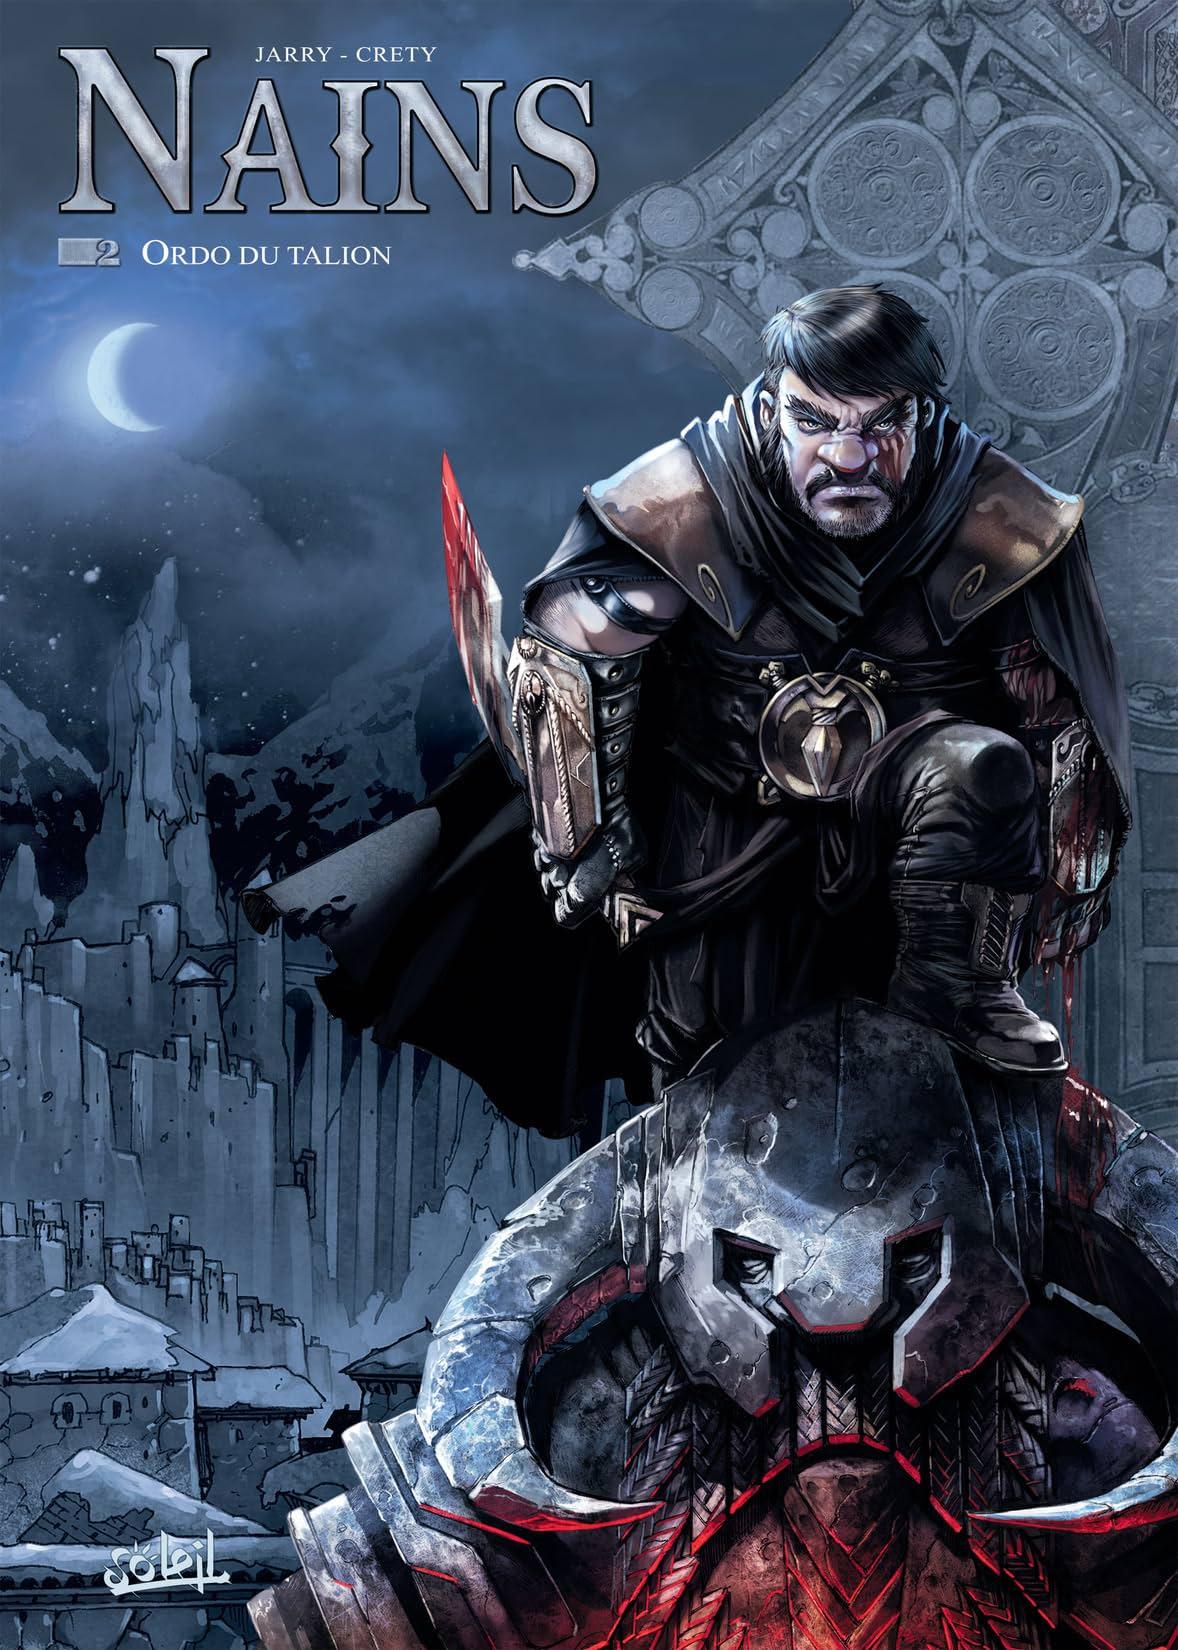 Nains Vol. 2: Ordo du Talion